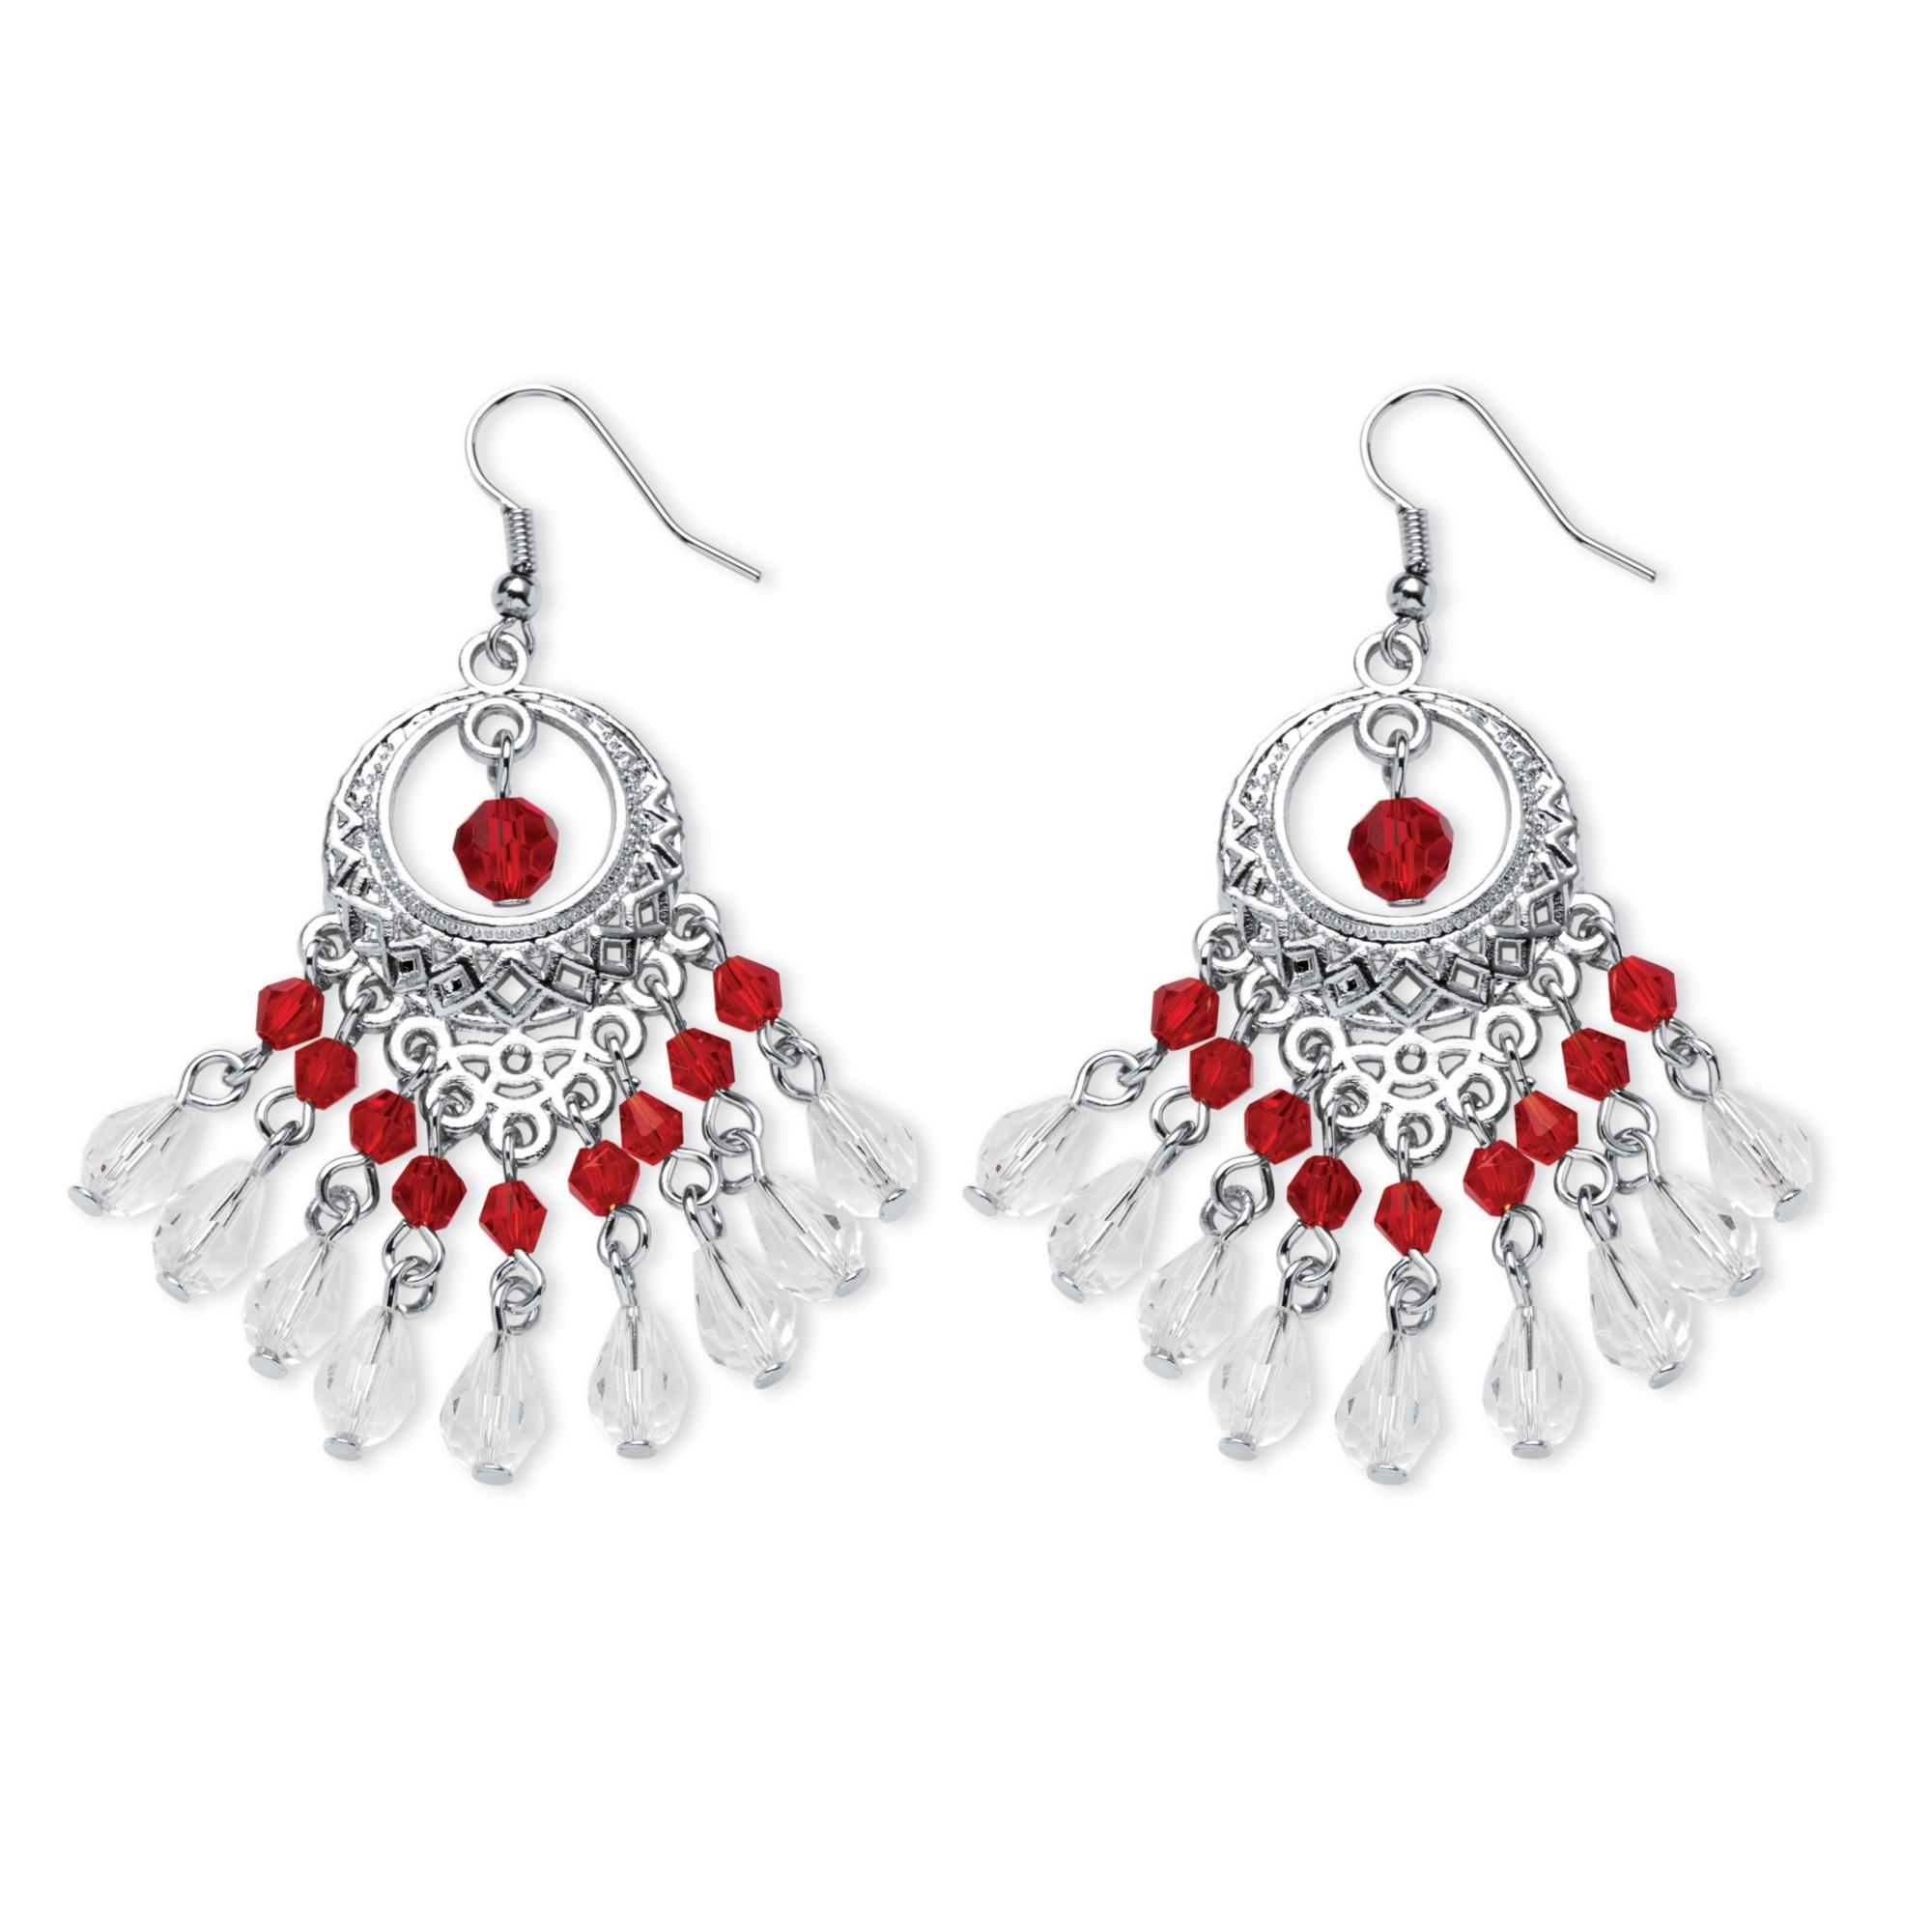 Red Crystal Chandelier Earrings in Silvertone